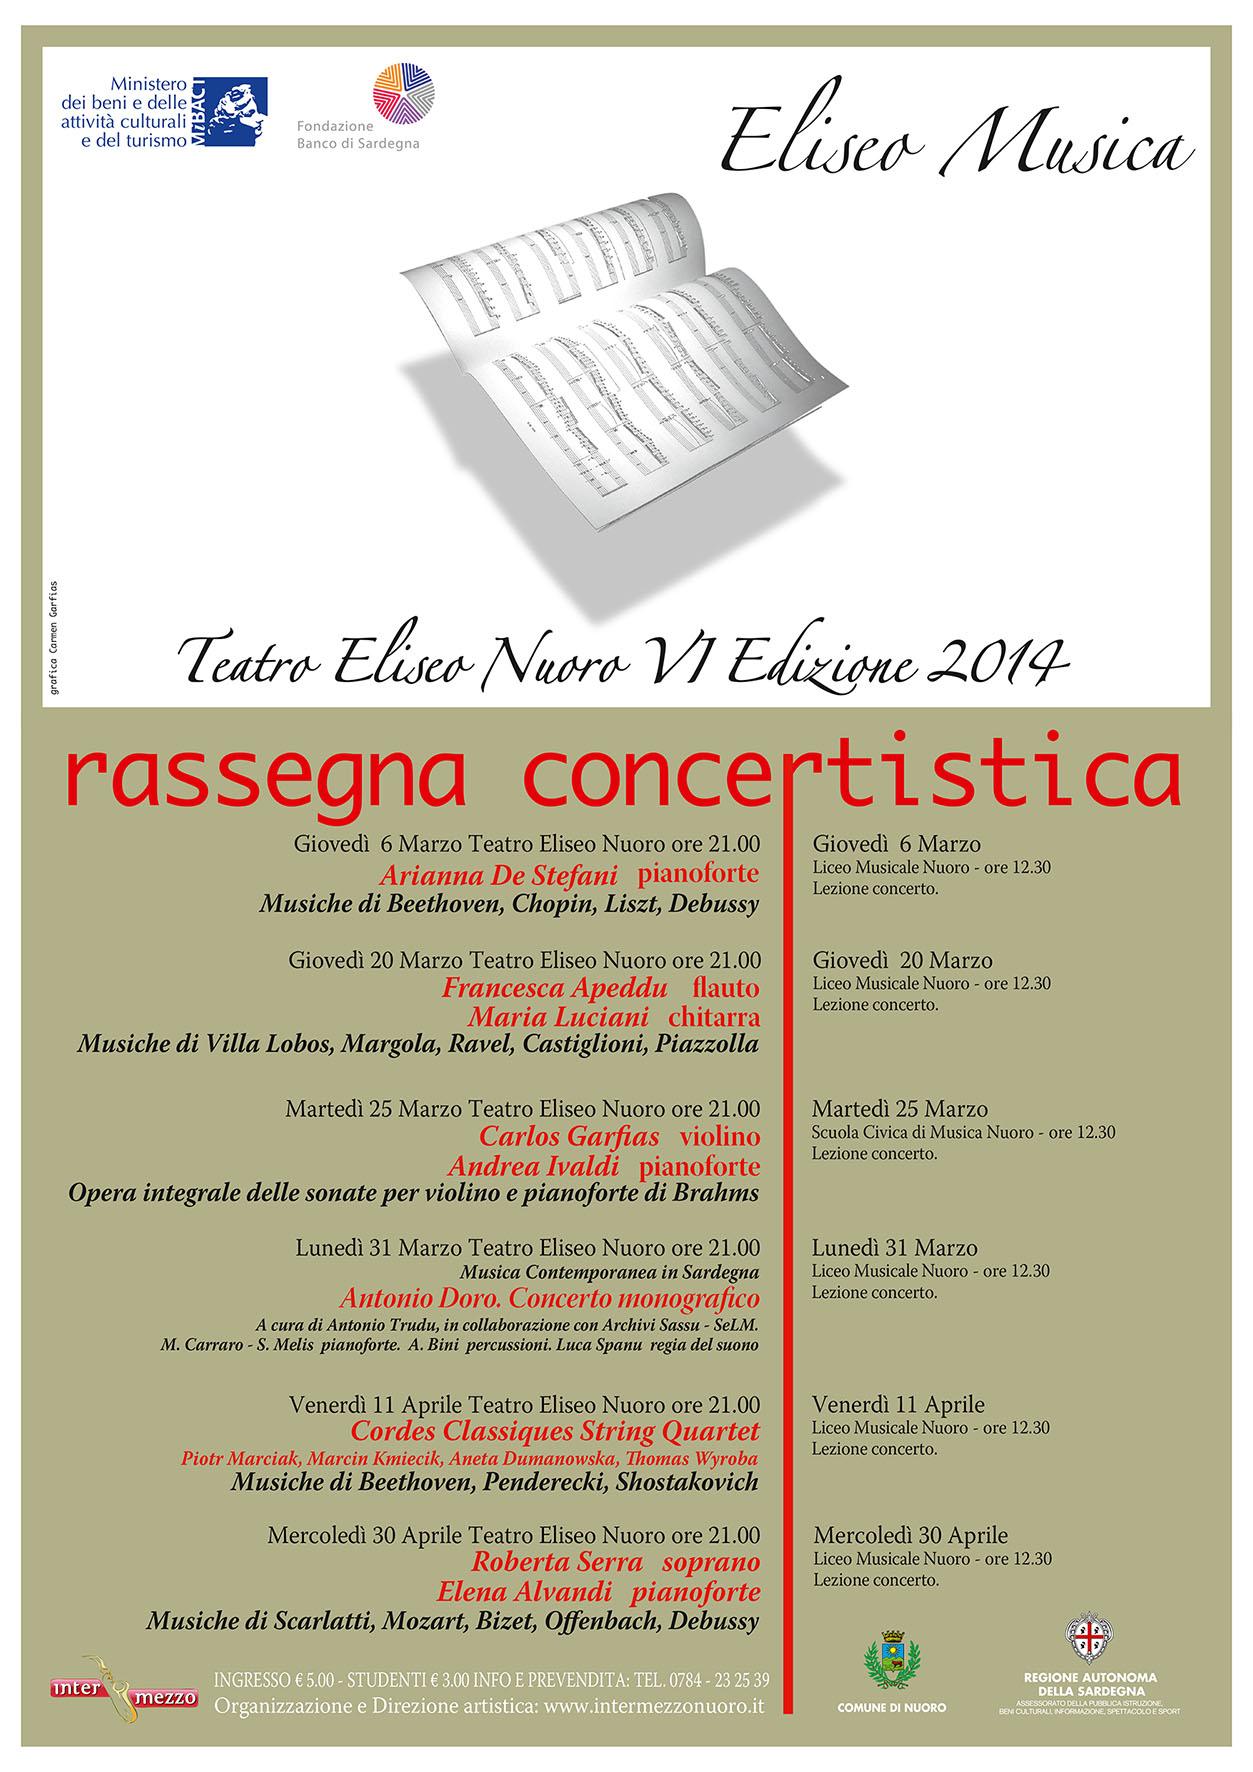 Teatro Eliseo Nuoro rassegna concertistica Musica 2014 VI edizione